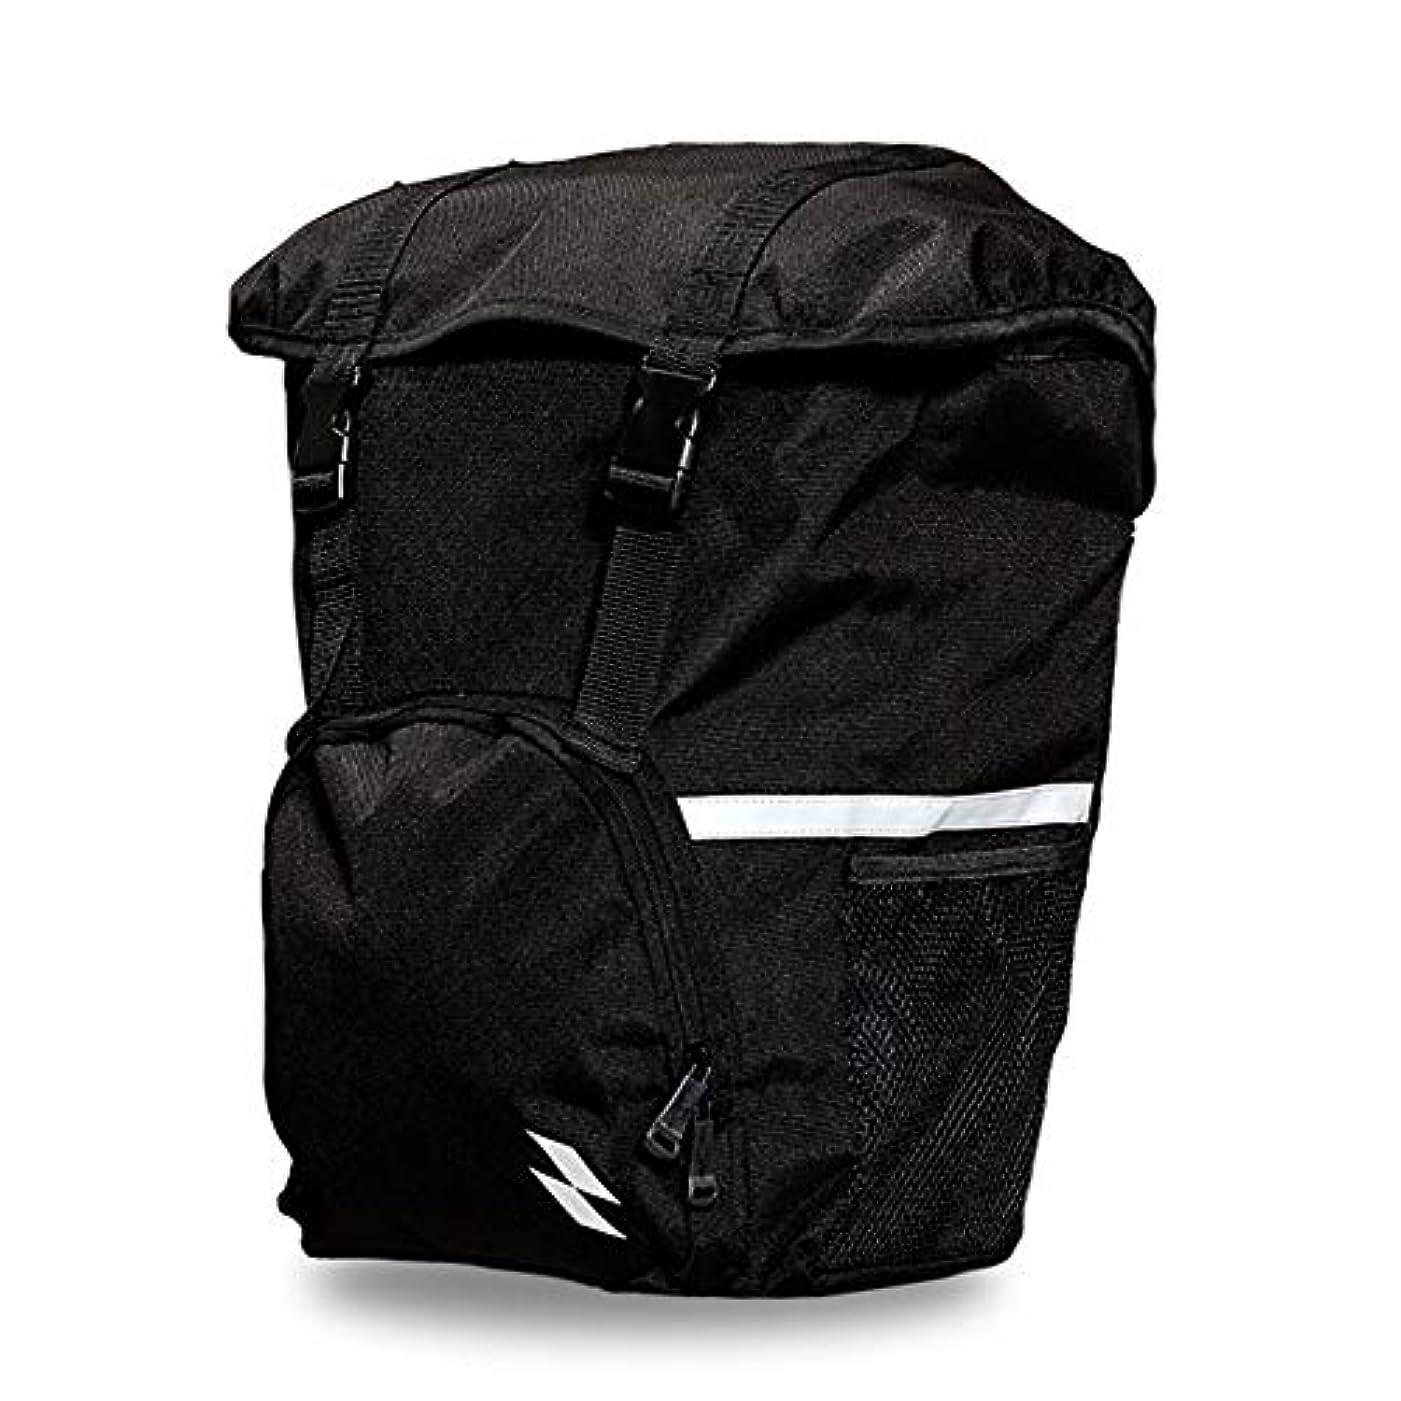 アリ打撃アレルギー自転車後部座席バッグ、ウェアラブル棚バッグ片側乗馬大容量収納袋